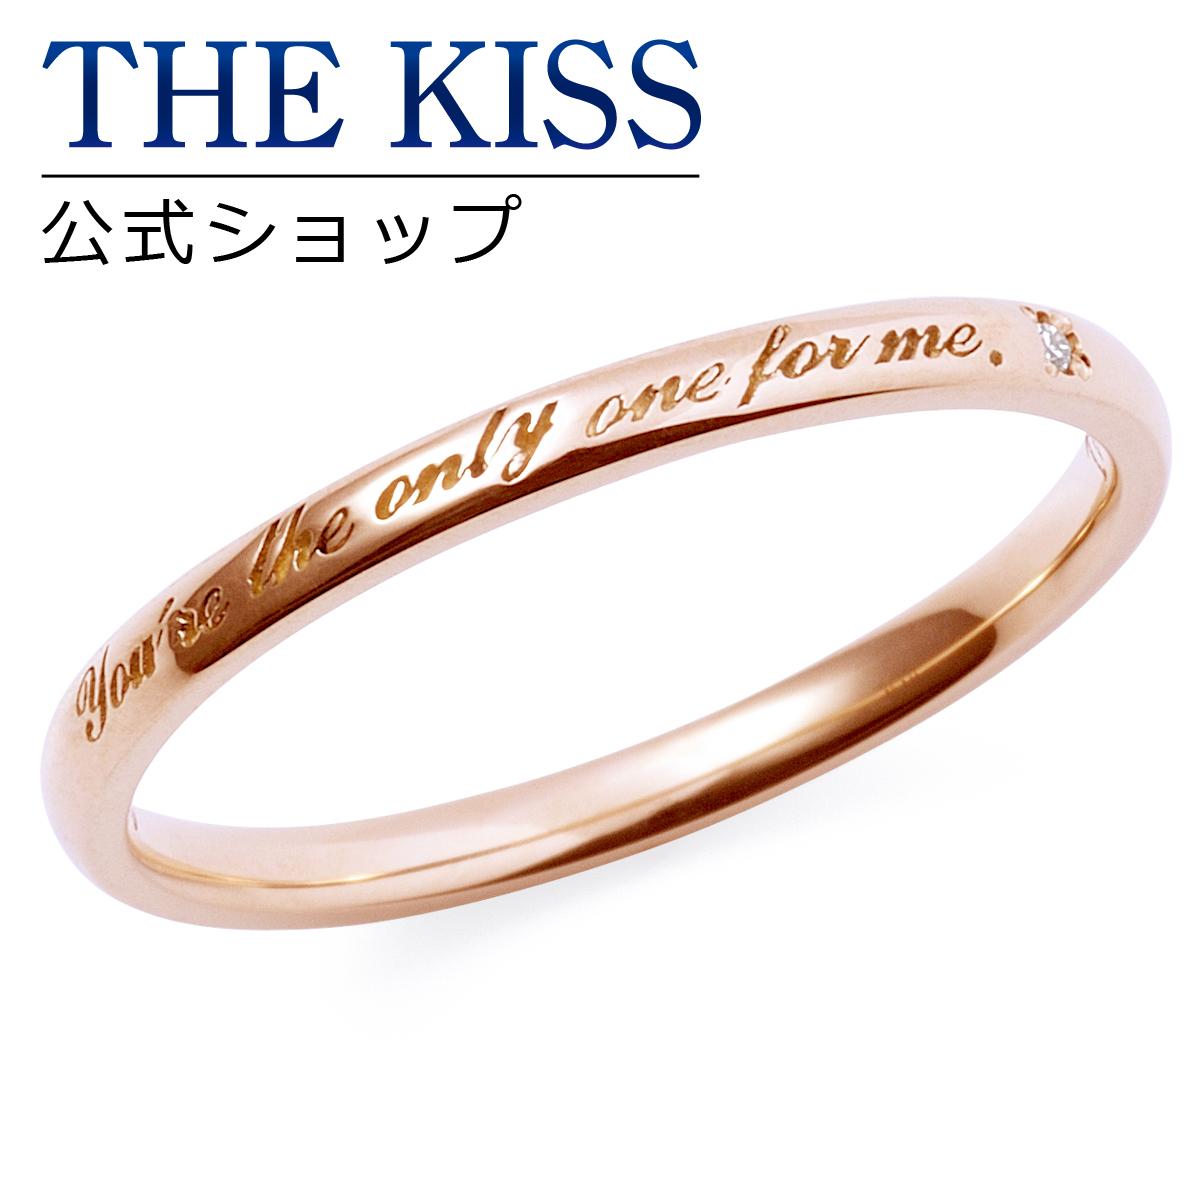 【あす楽対応】【送料無料】【THE KISS sweets】【ペアリング】 K10ピンクゴールド レディース リング (レディース単品) K-R2924PG ☆ ゴールド ペア リング 指輪 ブランド GOLD Pair Ring couple